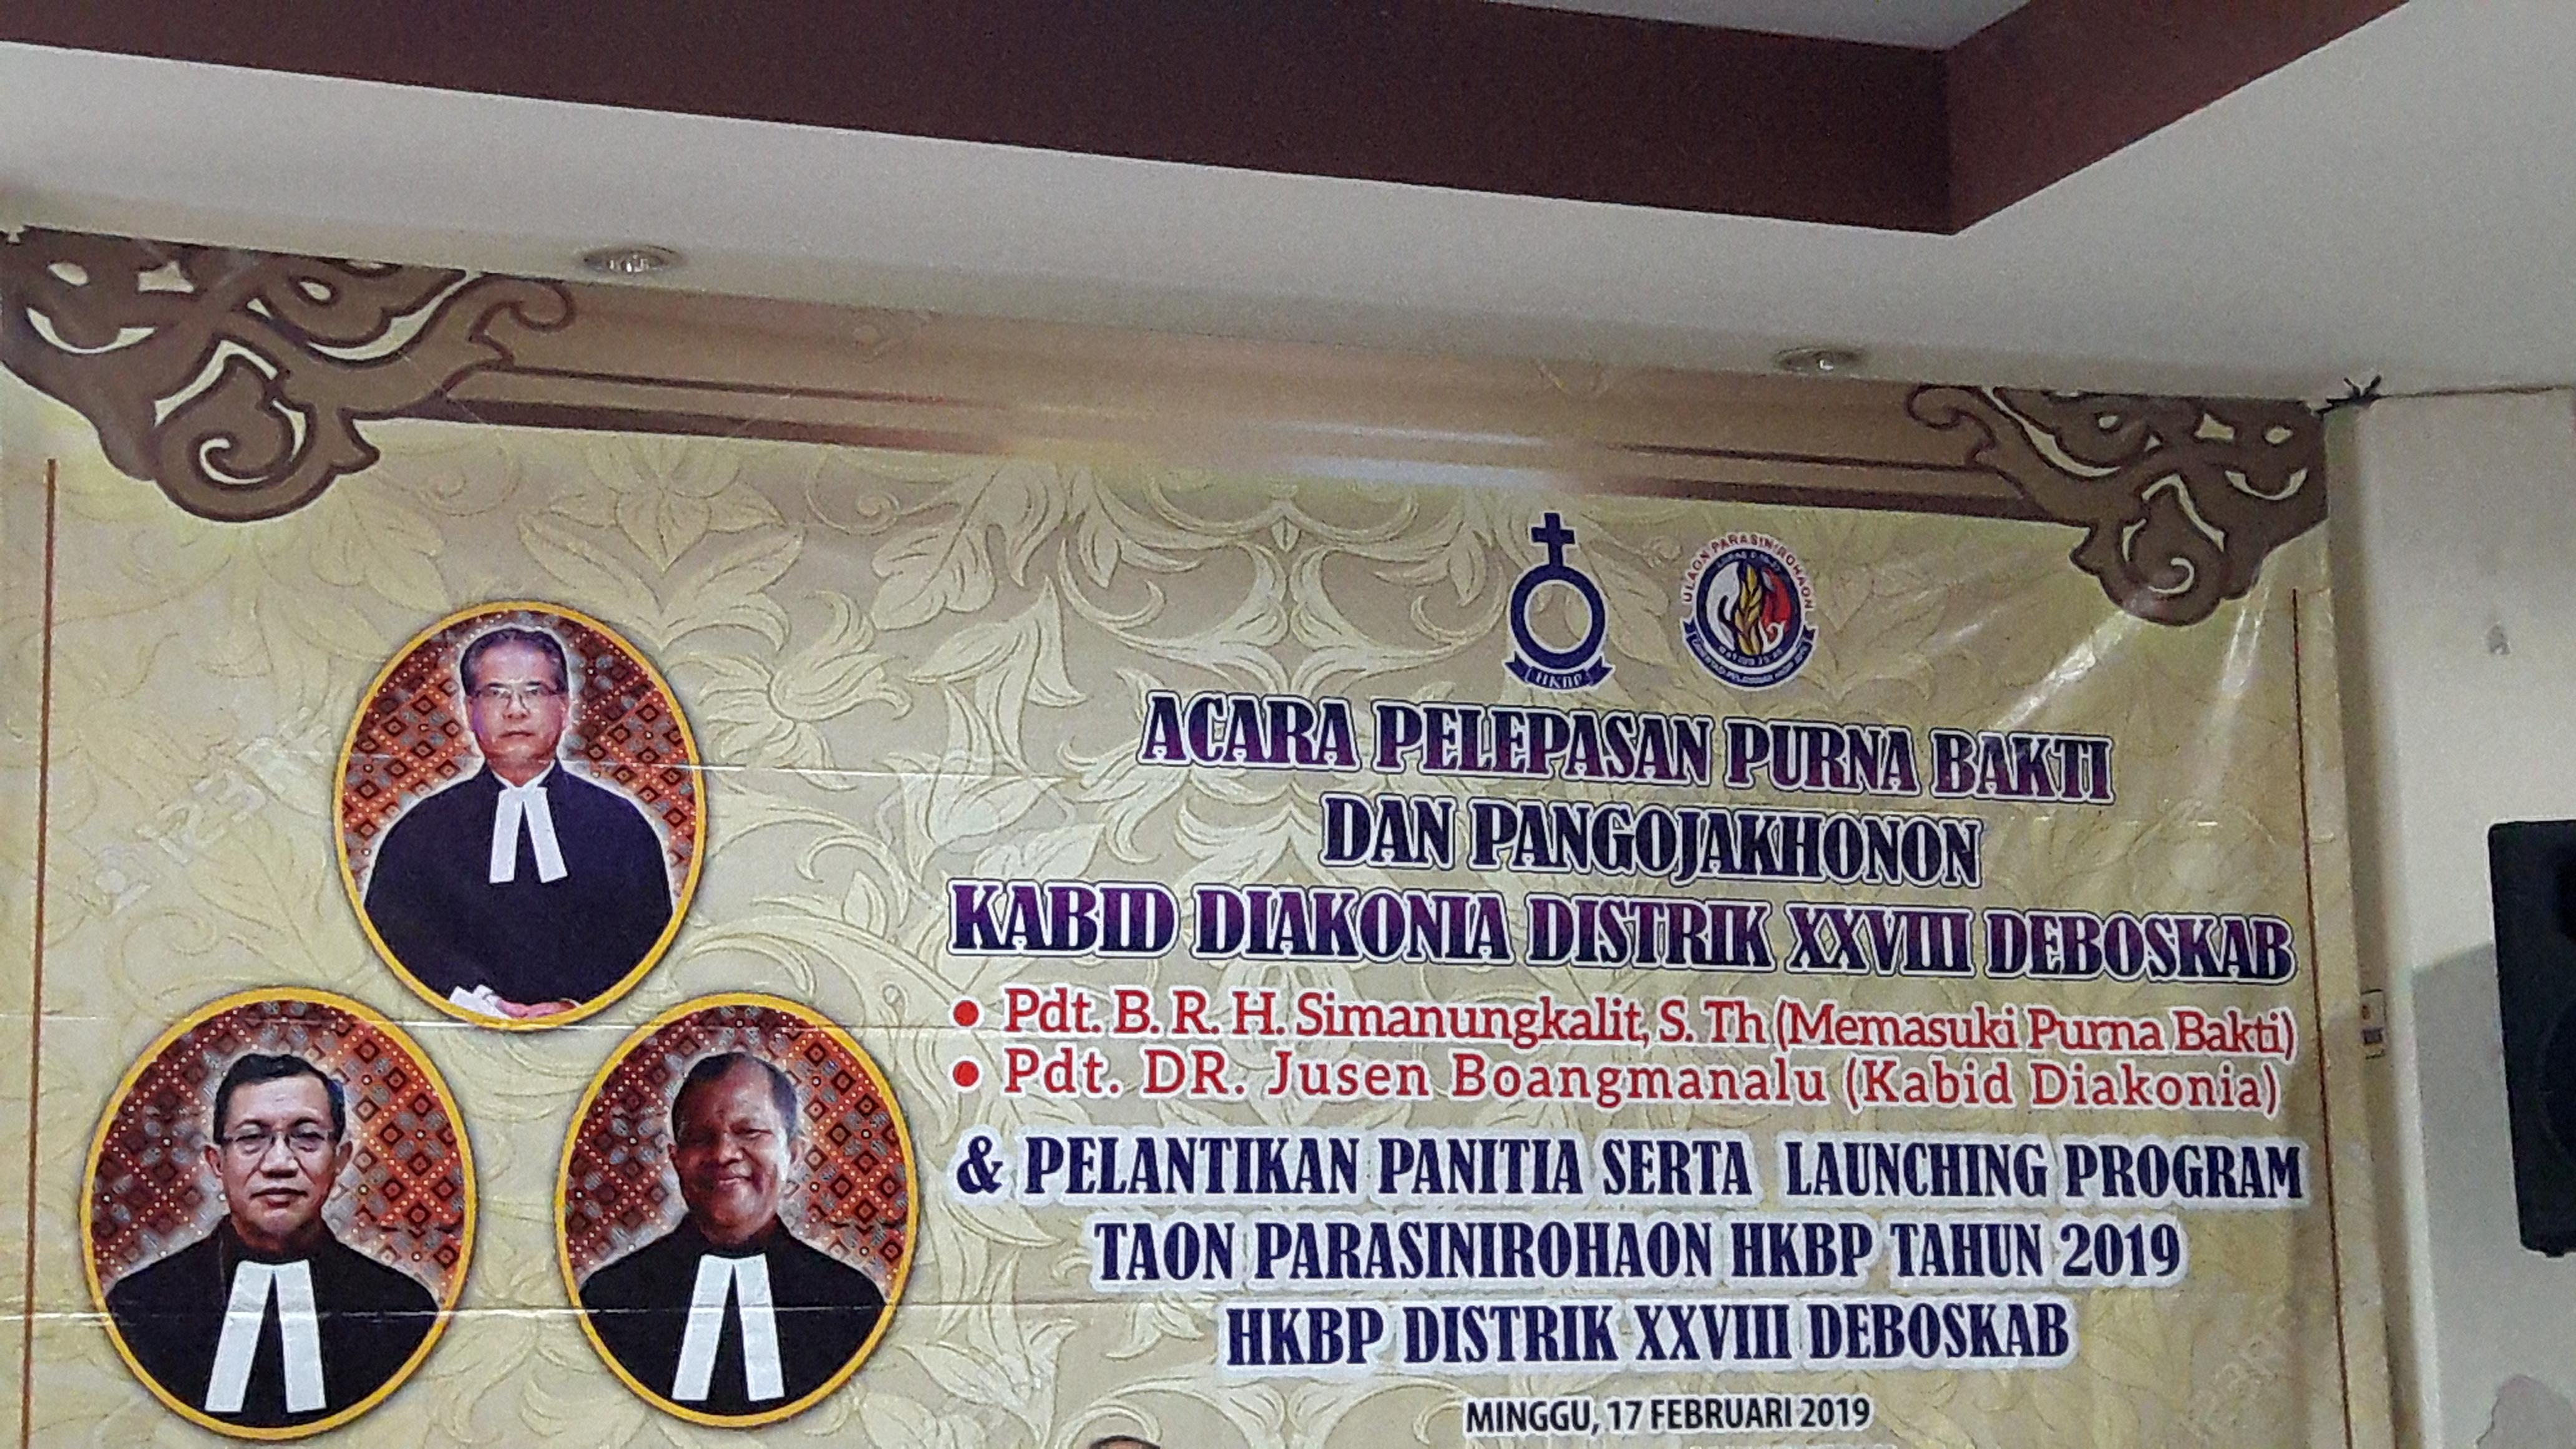 Launching dan Pelantikan Panitia Taon Ulaon Parasinirohaon Distrik XXVIII Deboskab serta Pisah Sambut Kabid Diakonia